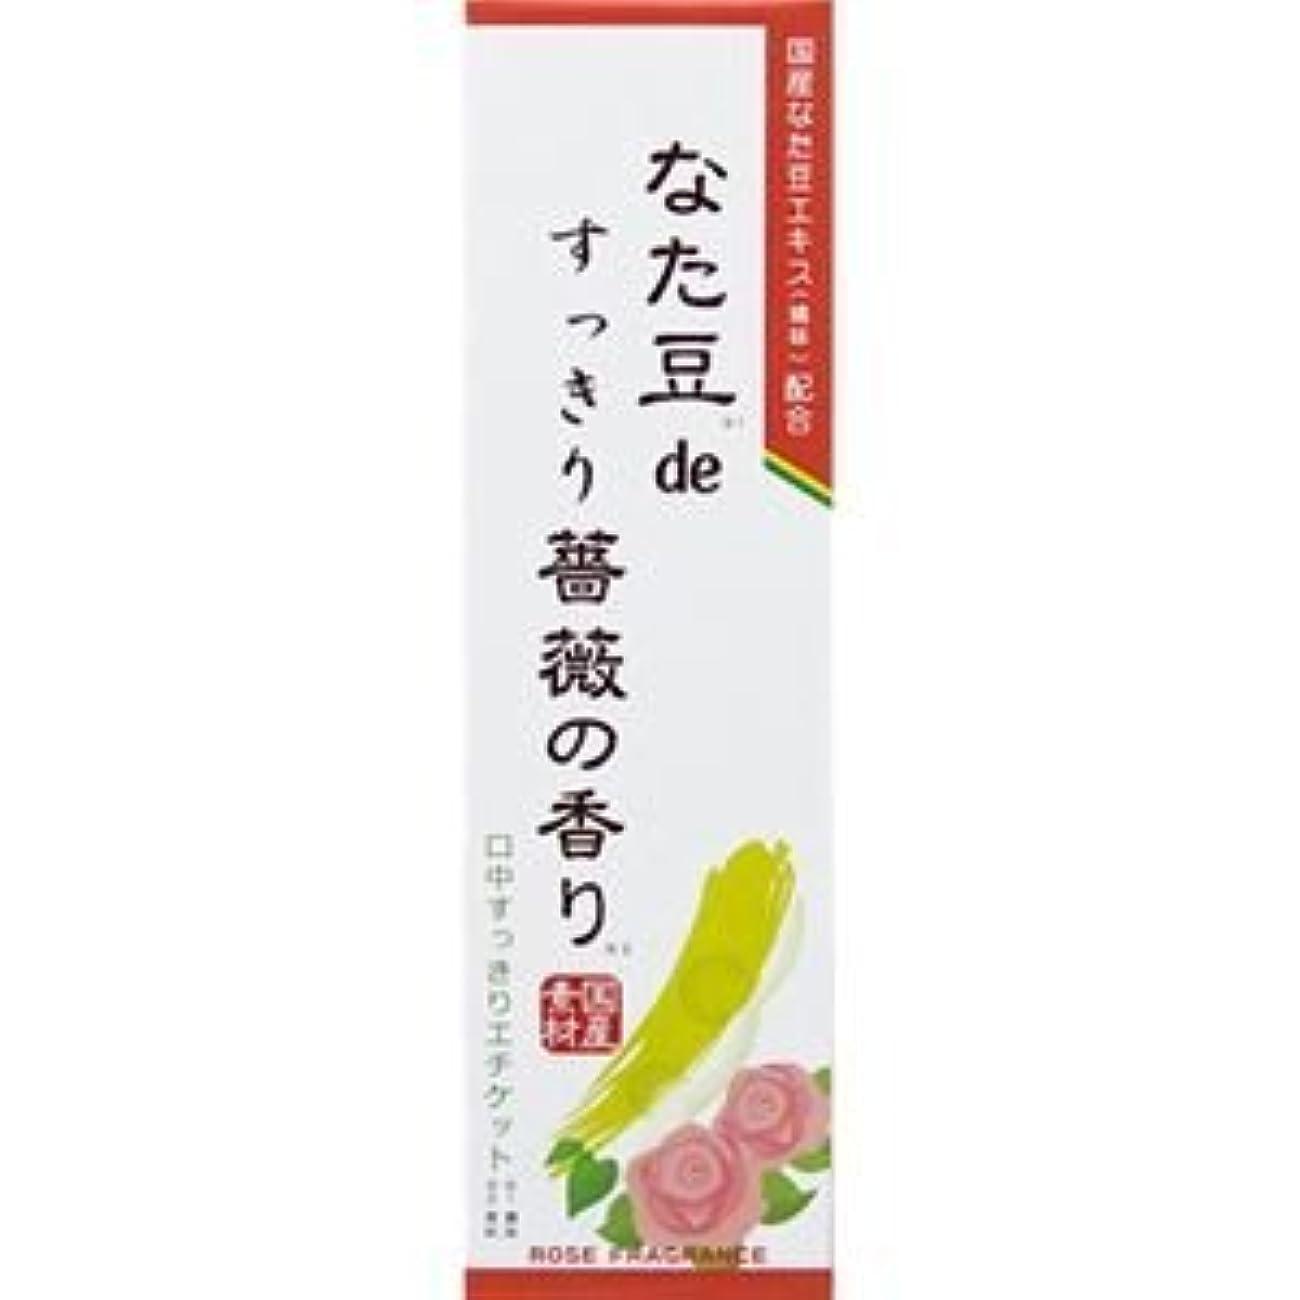 ワイン意識的消毒剤(まとめ買い)なた豆deすっきり薔薇の香り 120g×3セット